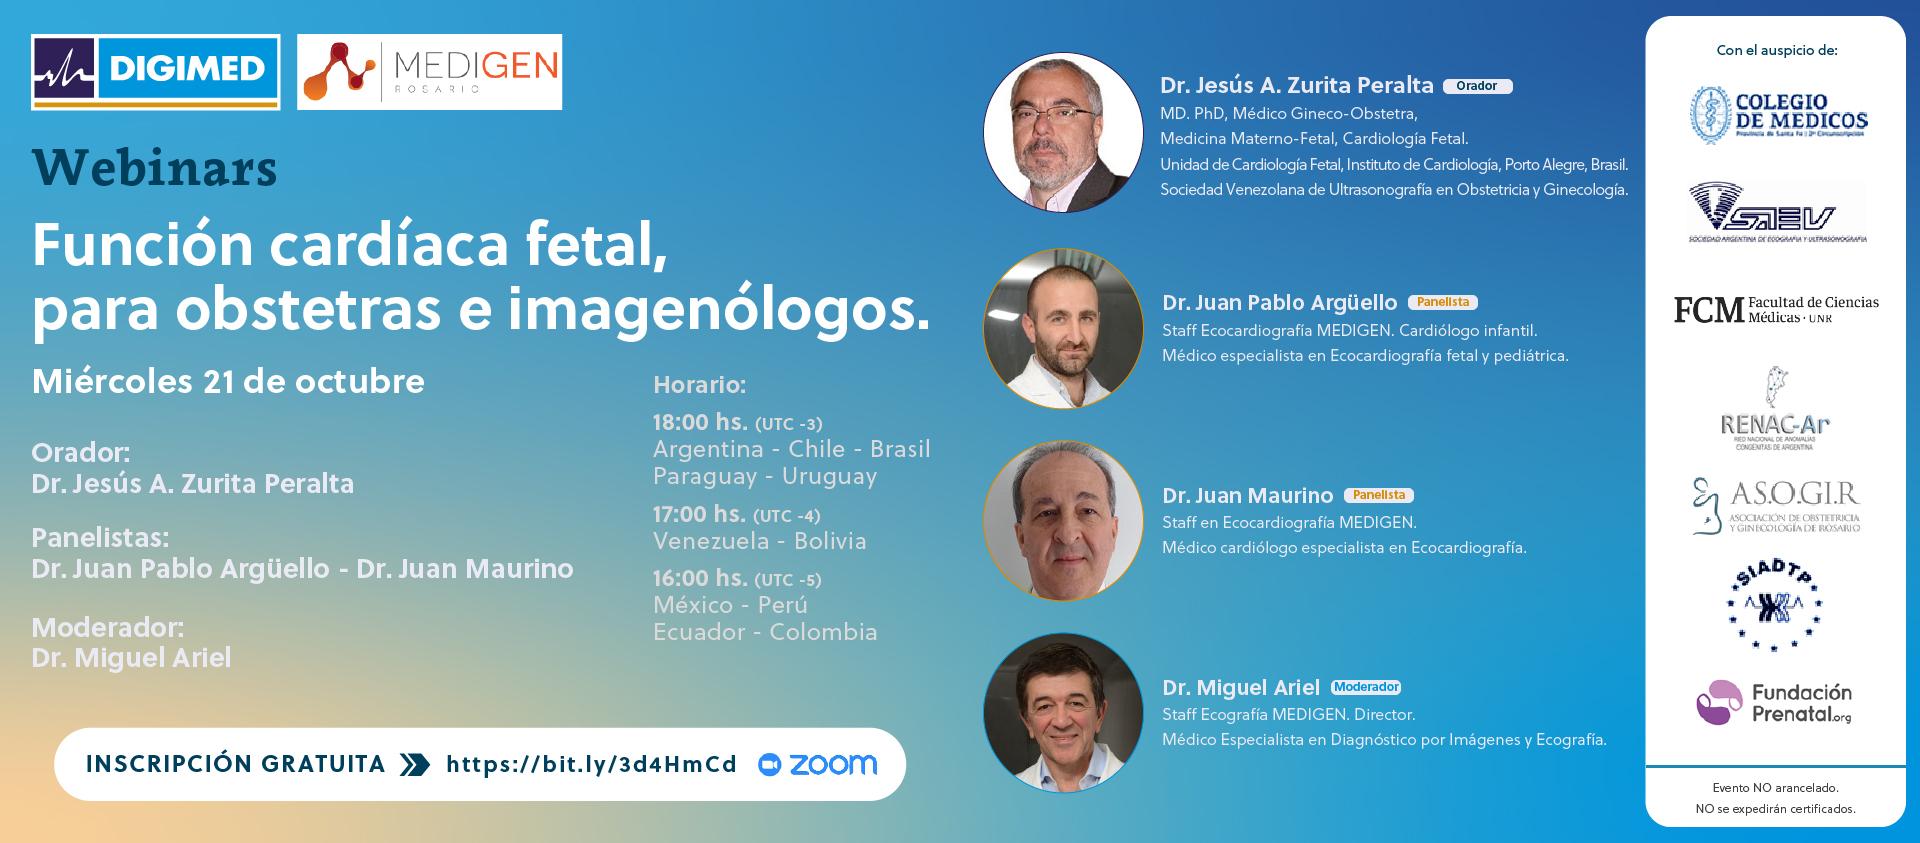 Webinar Medigen - Dr. Zurita Peralta